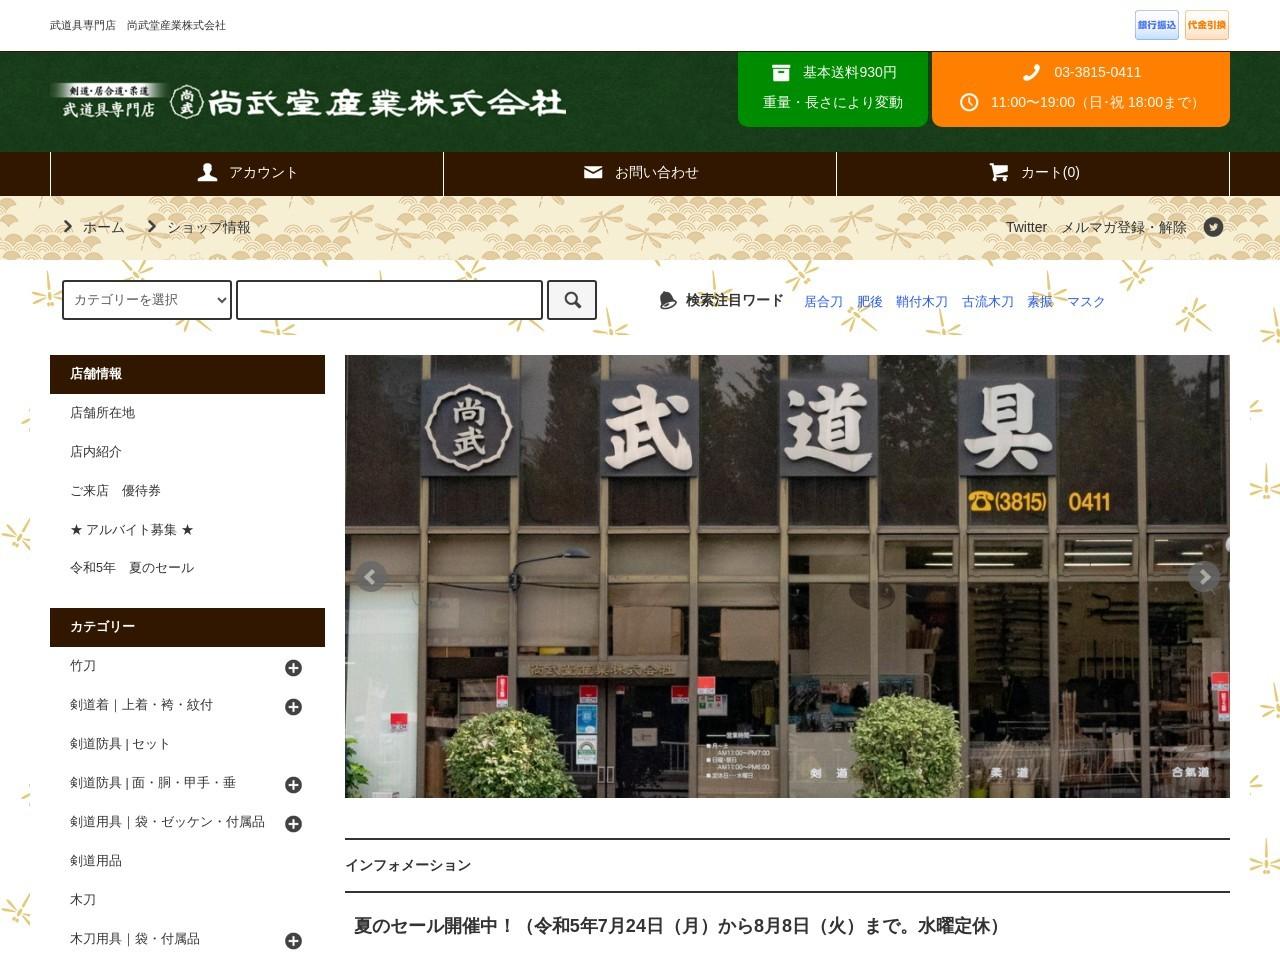 尚武堂産業株式会社